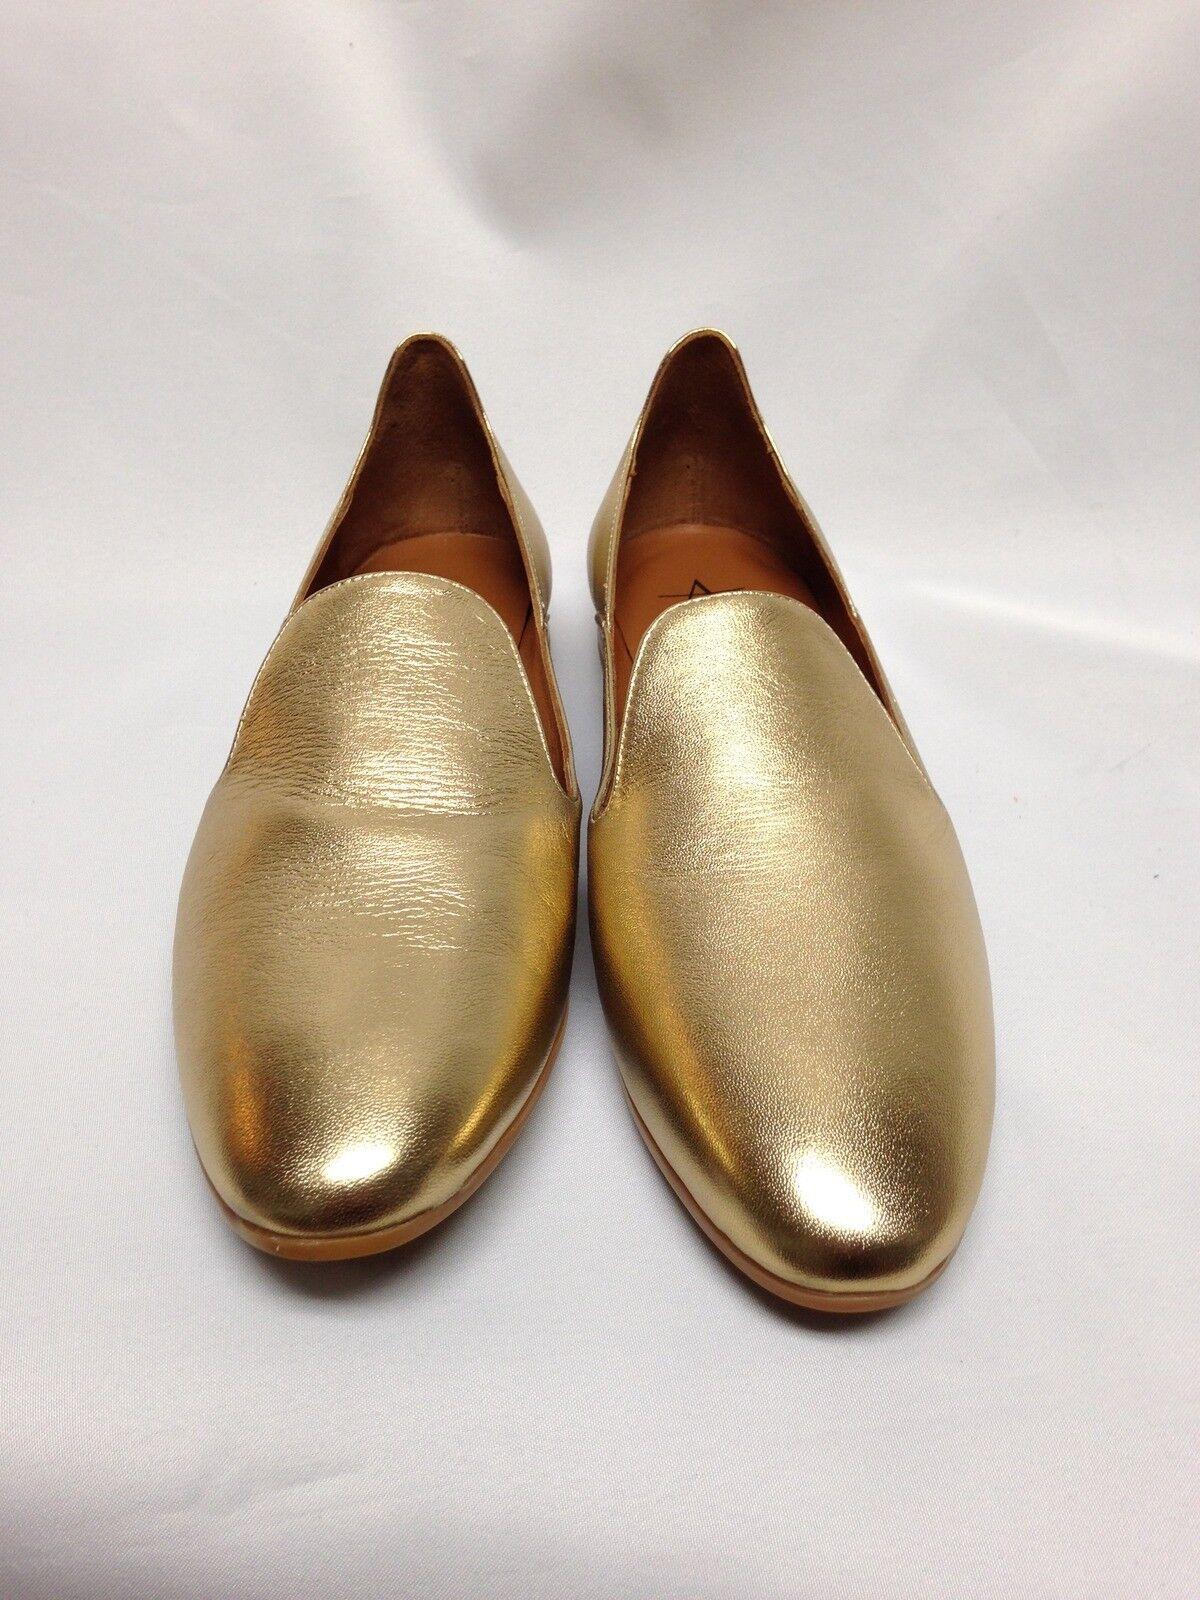 Aquatalia Emmaline oro oro oro metálico resistente a la intemperie plana, 5.5M, 7.5M, 10M 34L1159 Nuevo En Caja  clásico atemporal